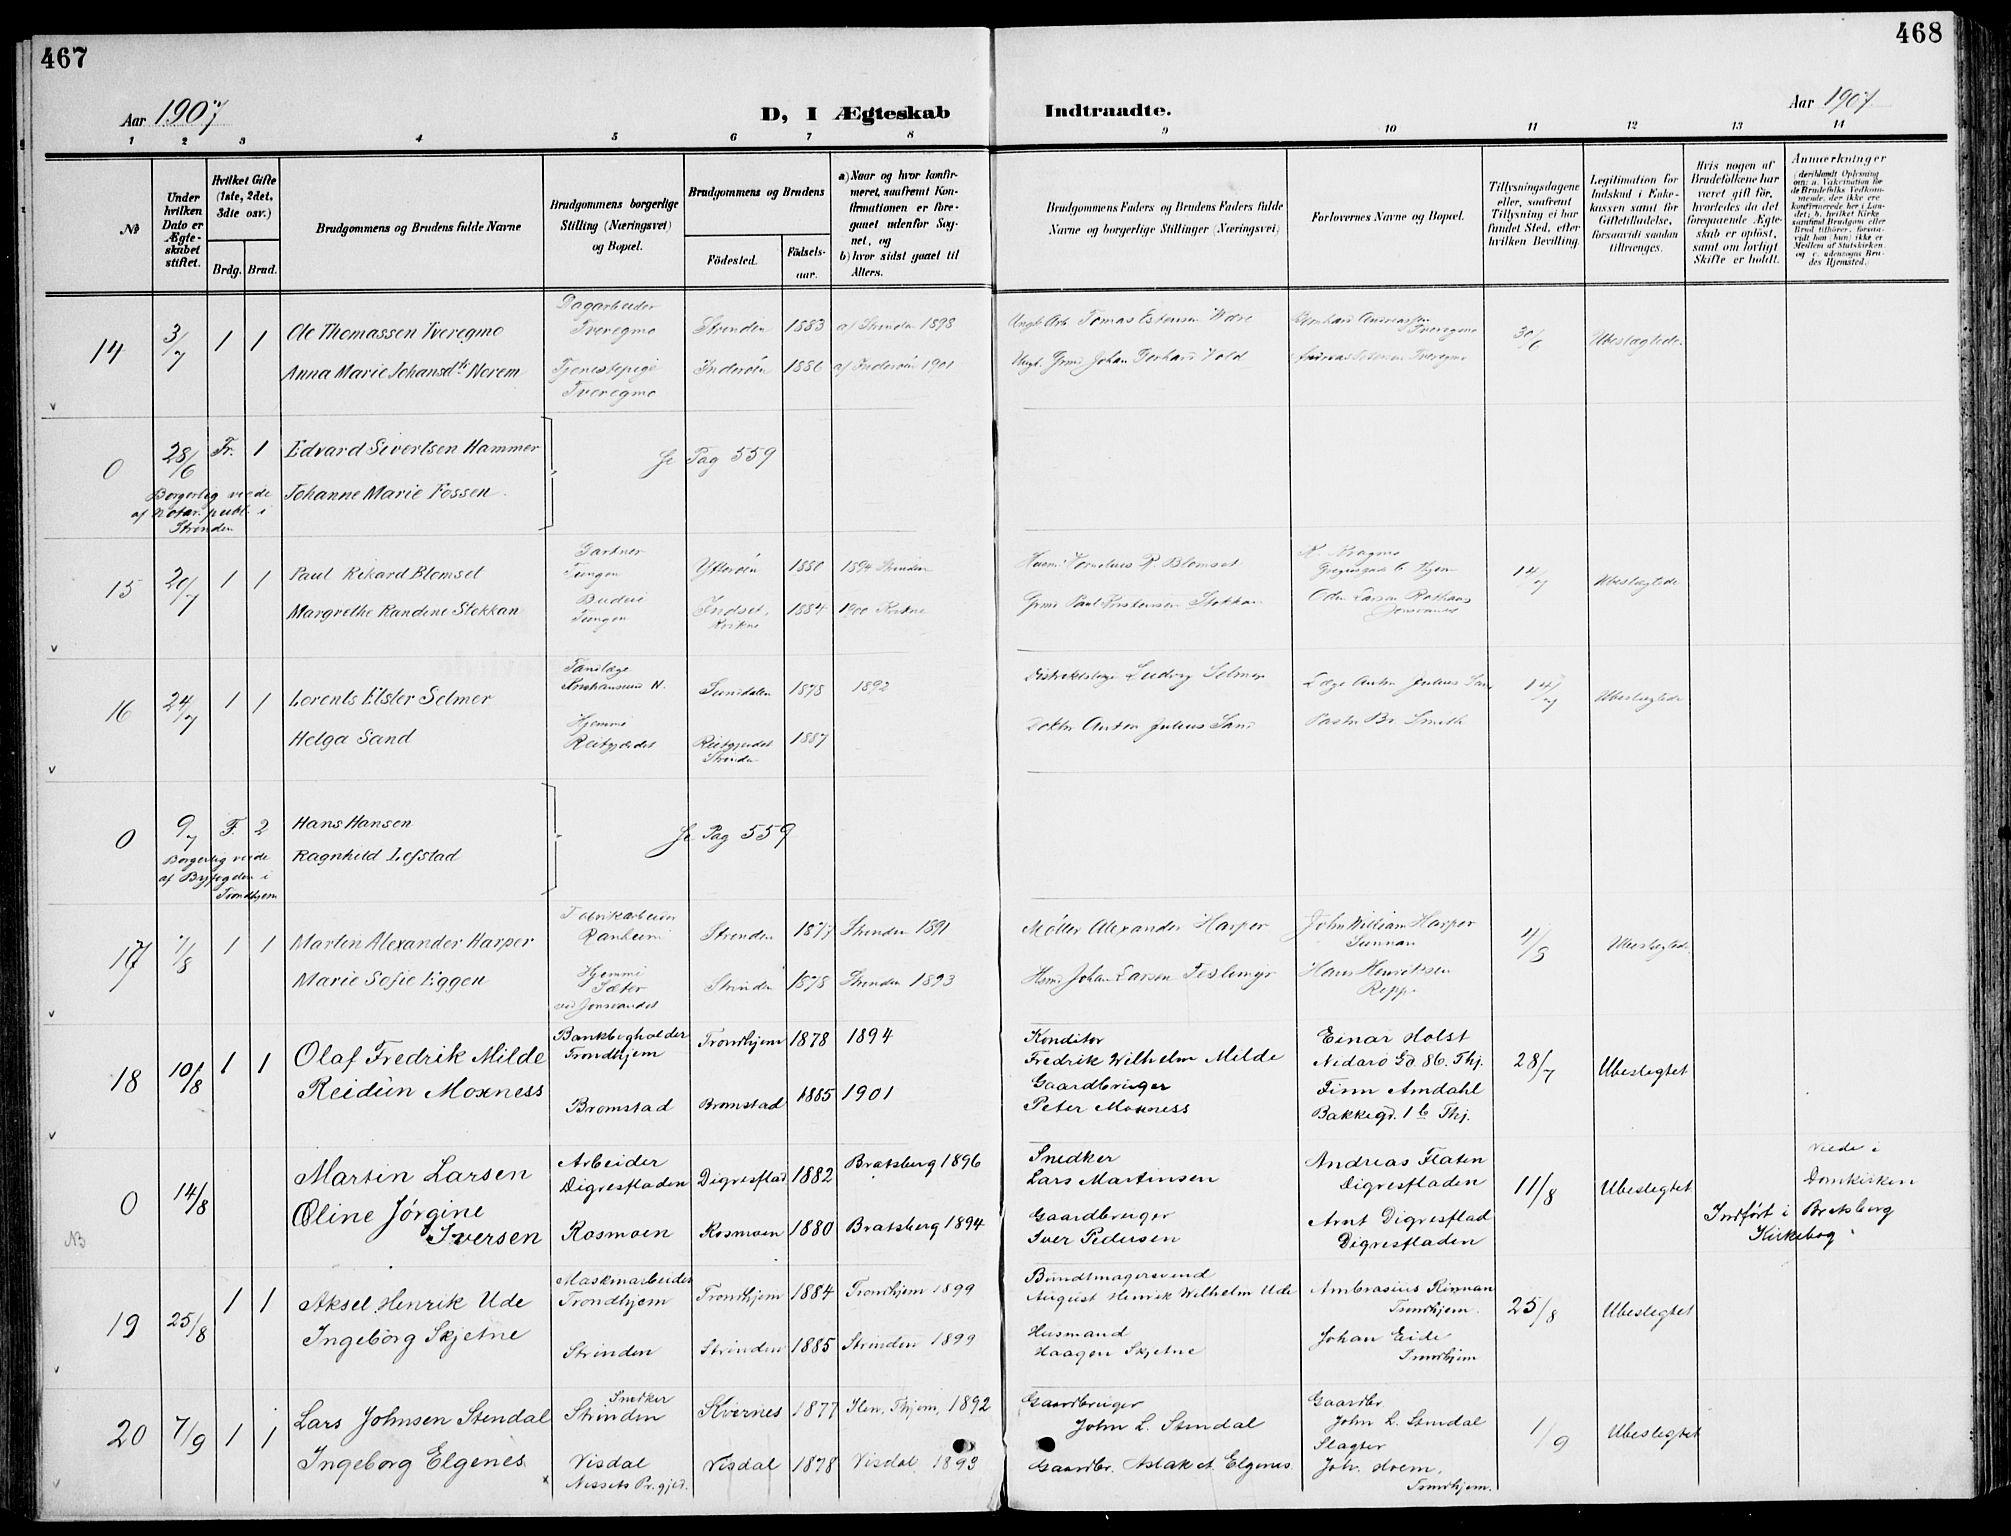 SAT, Ministerialprotokoller, klokkerbøker og fødselsregistre - Sør-Trøndelag, 607/L0320: Ministerialbok nr. 607A04, 1907-1915, s. 467-468